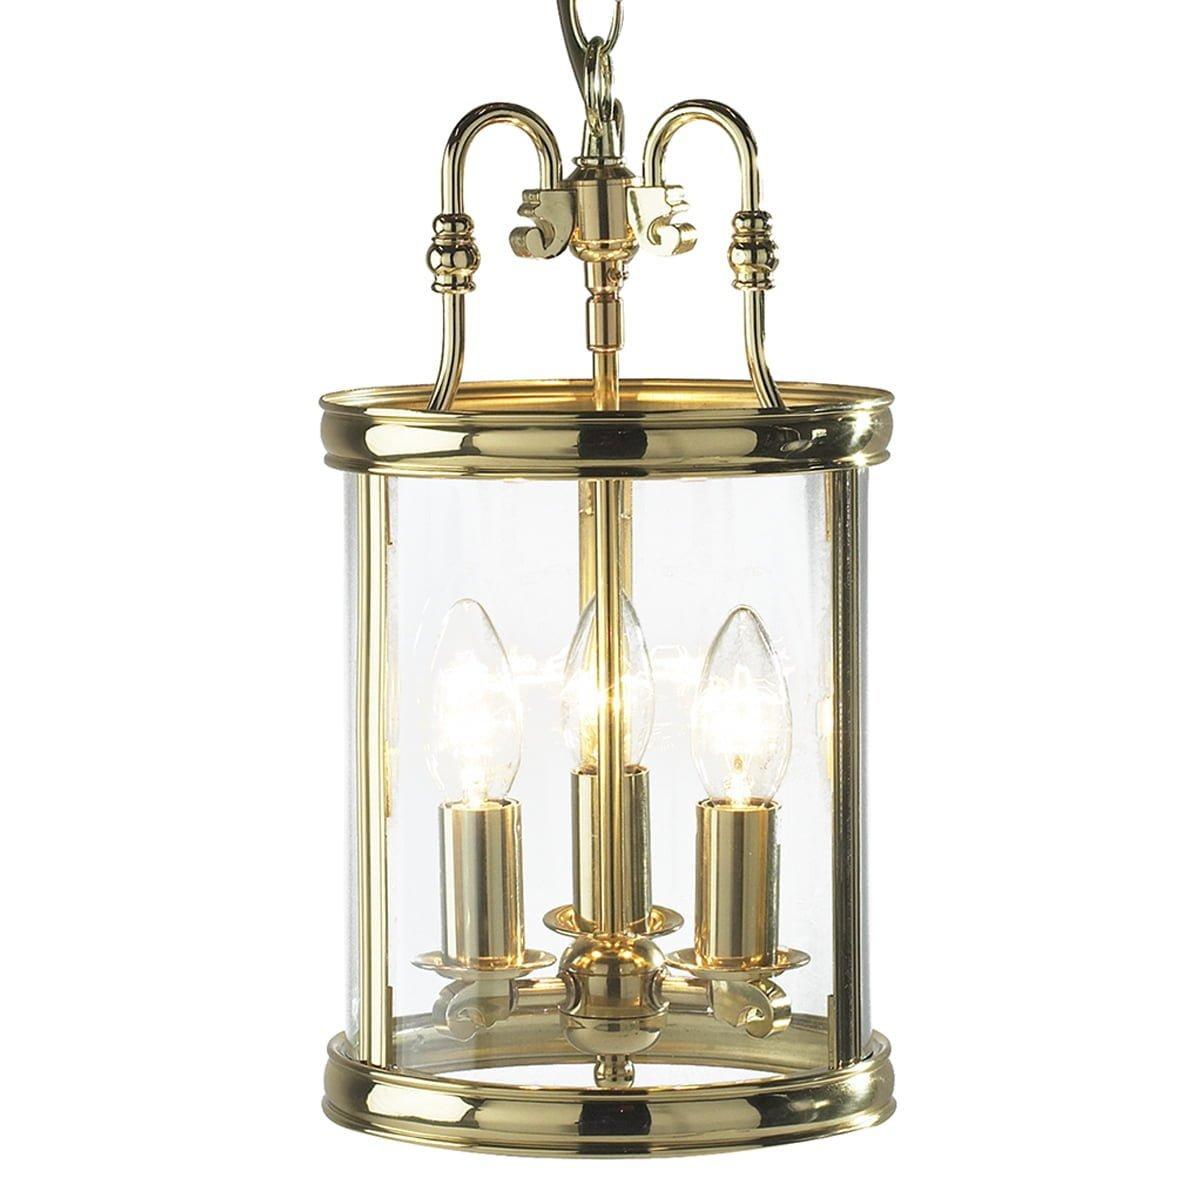 Dar LAM0340 Lambeth 3lt, Polished Brass